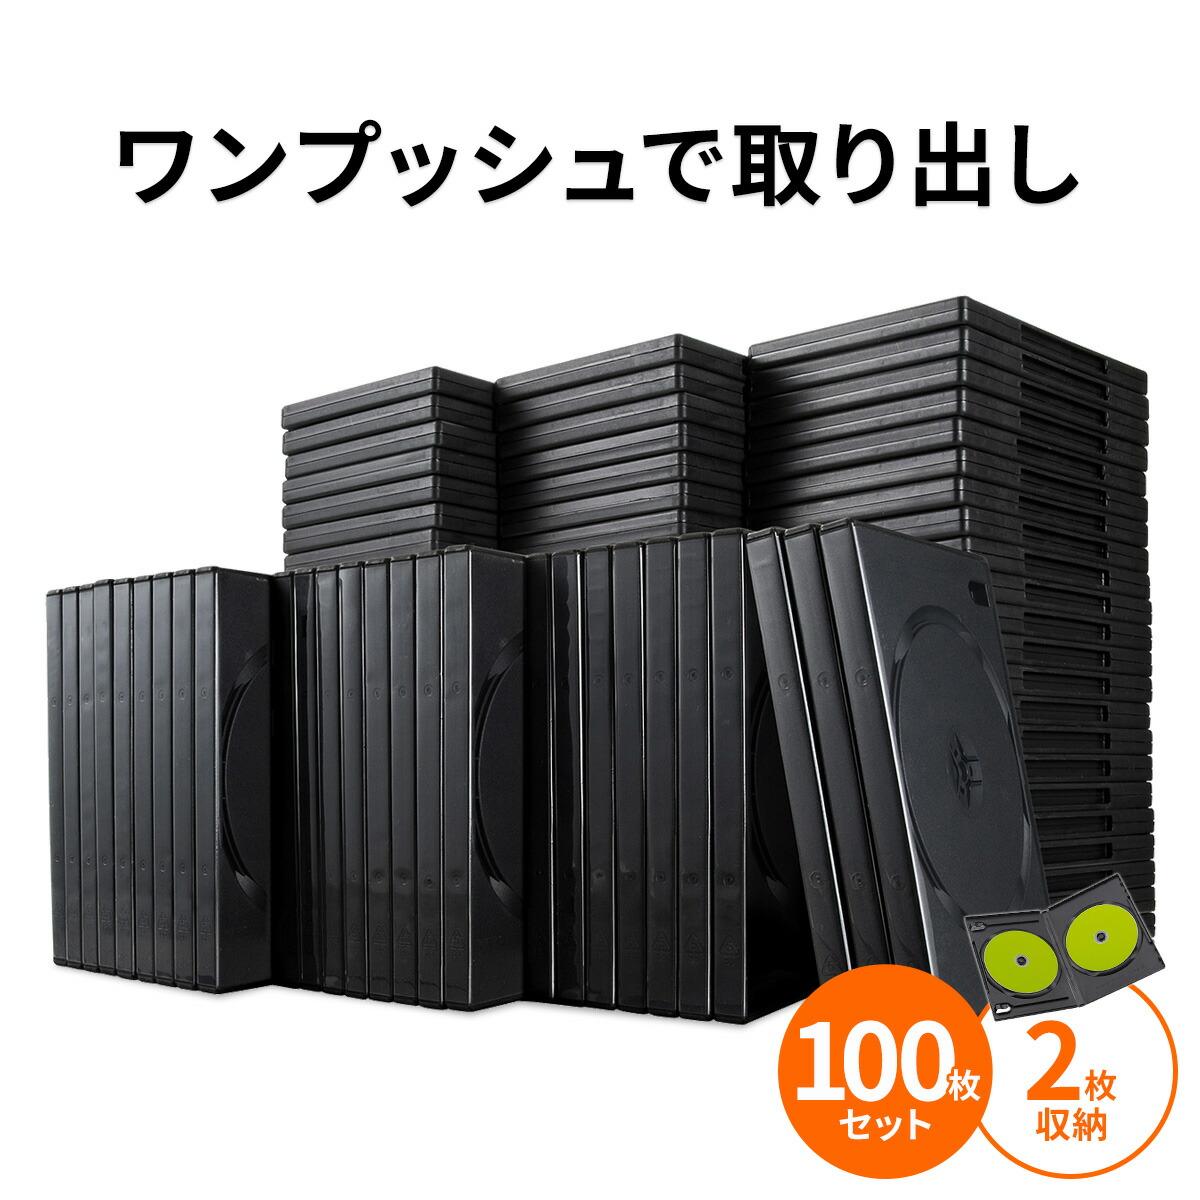 DVDケース トールケース 2枚収納×100枚セット 収納ケース メディアケース